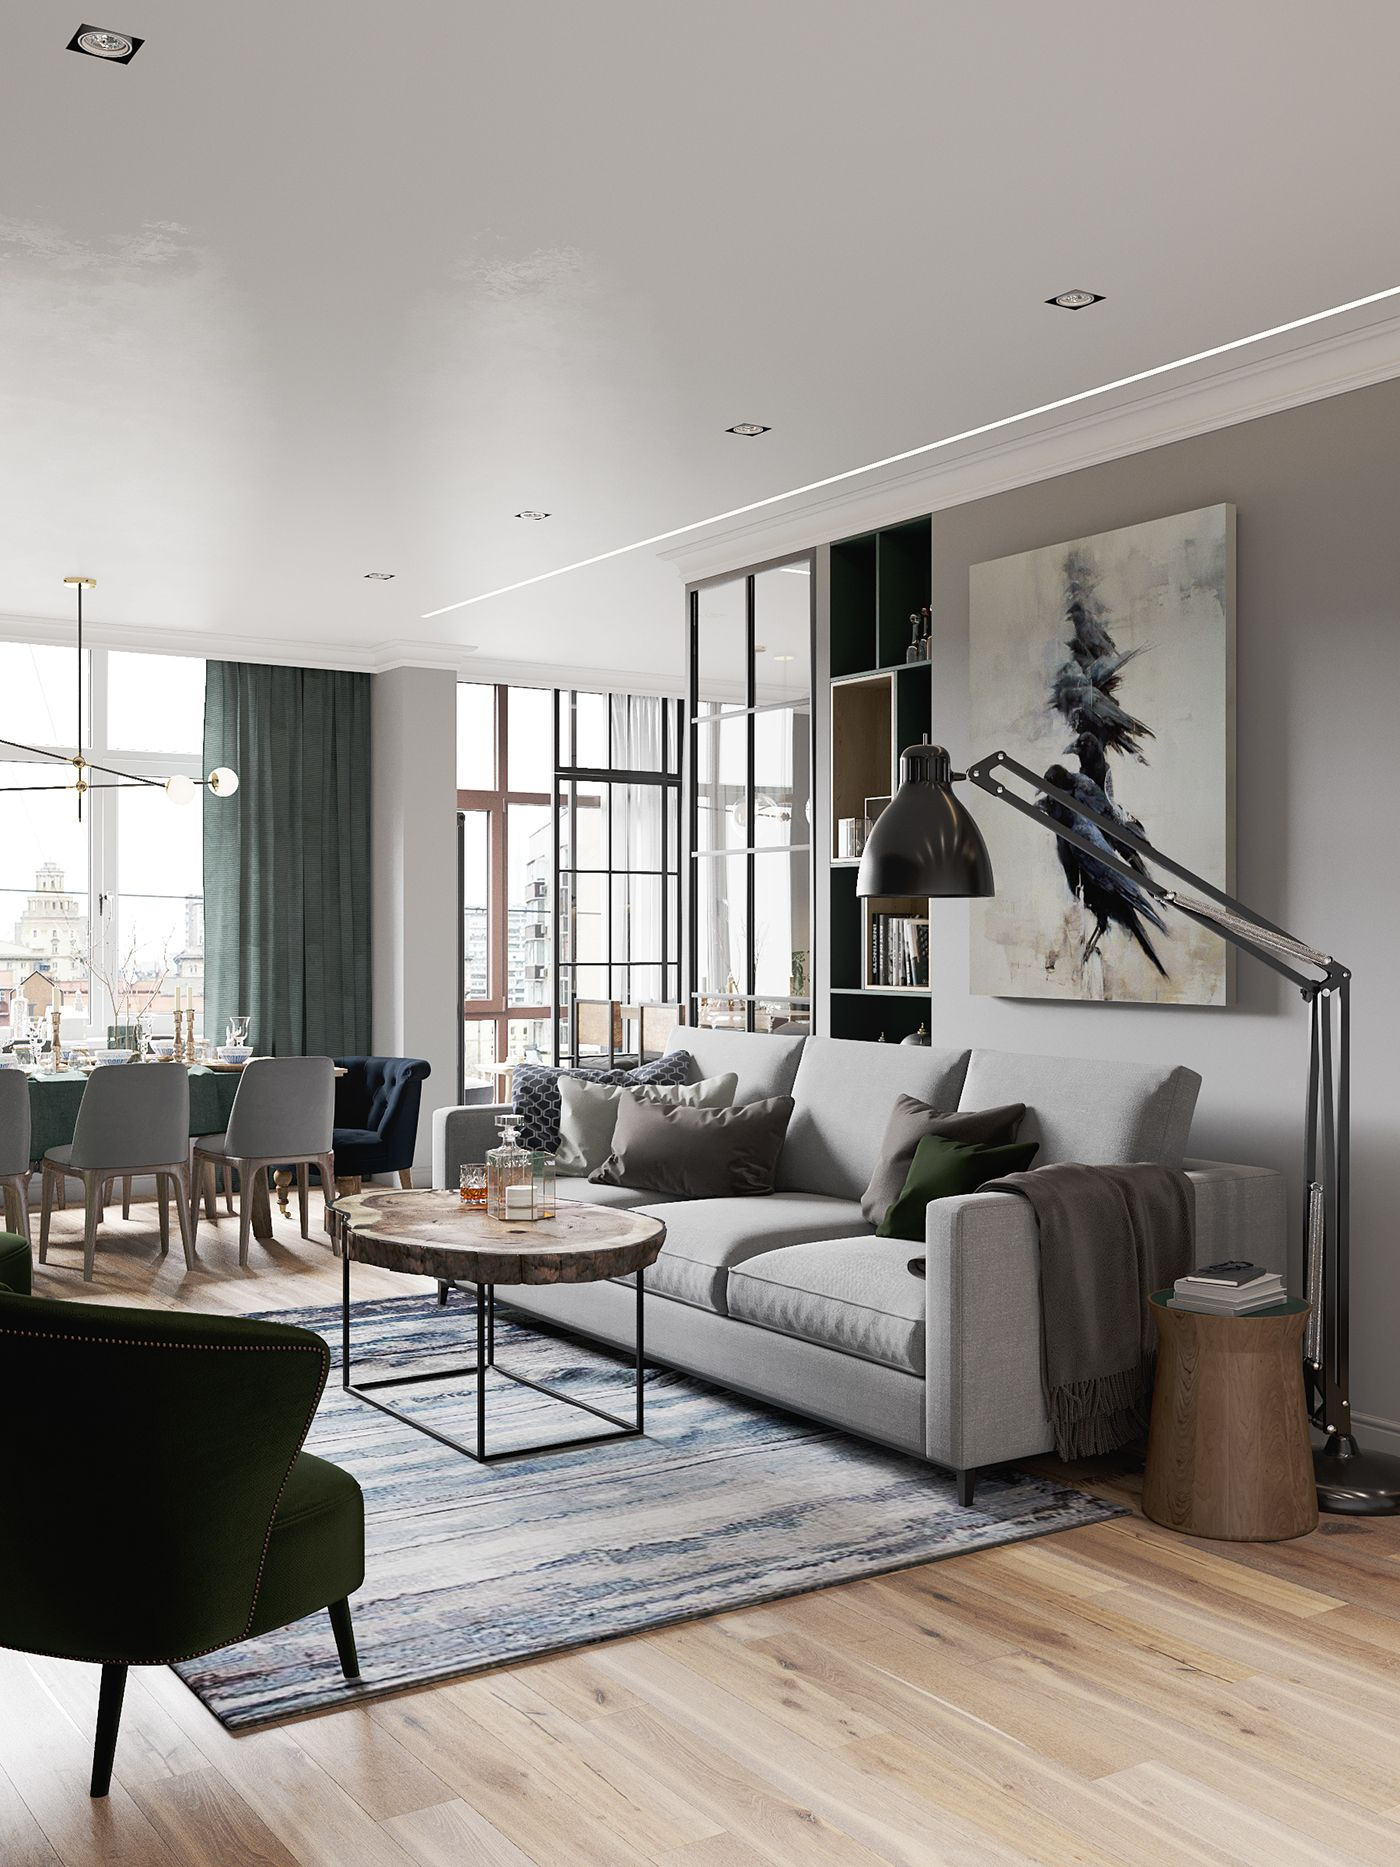 appartement sombre trendy porte entre appartement frais papier peint pour couloir sombre trendy. Black Bedroom Furniture Sets. Home Design Ideas